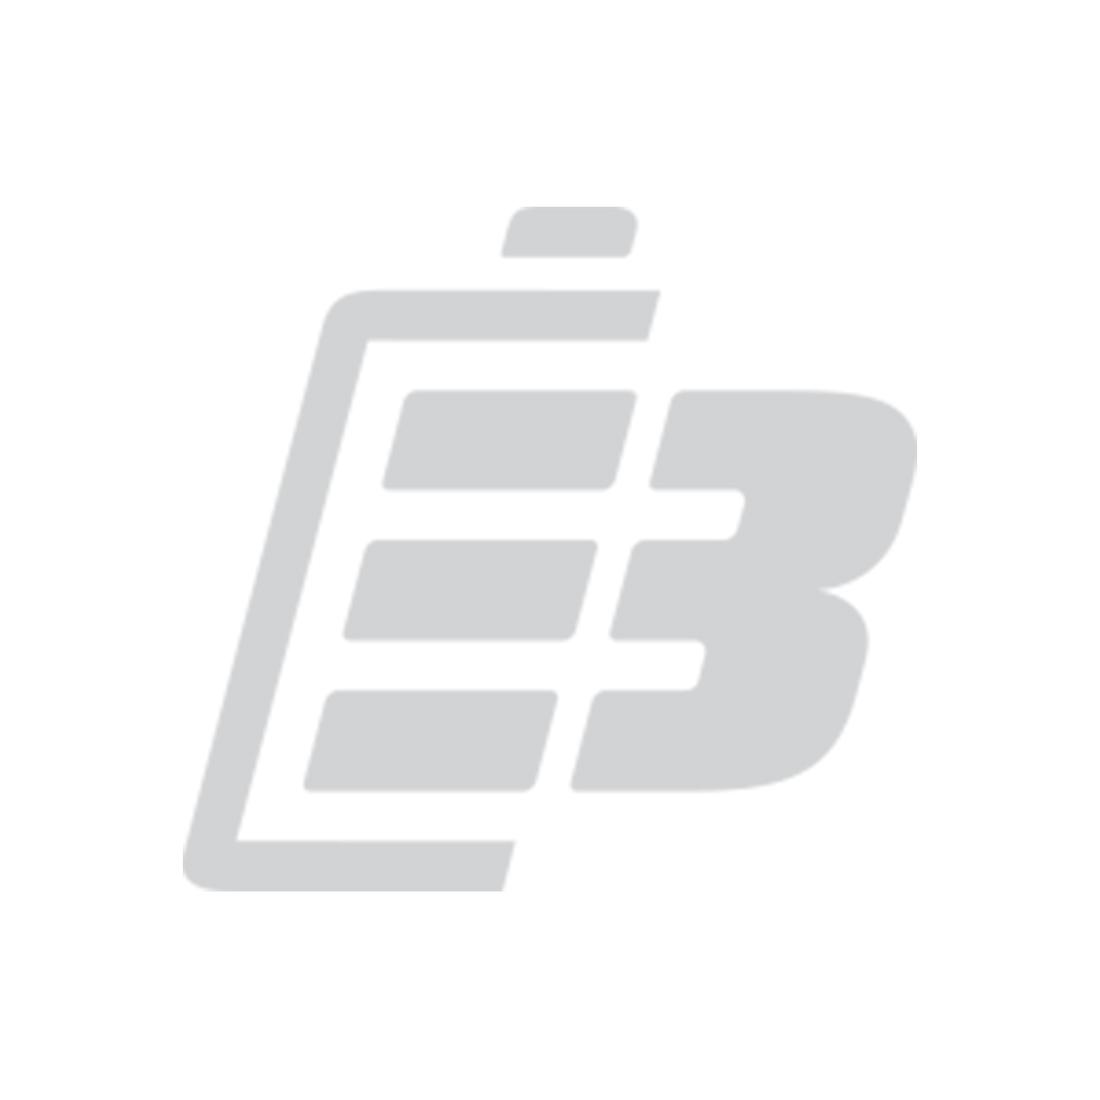 Power tool battery AEG 18V 2.0Ah_1